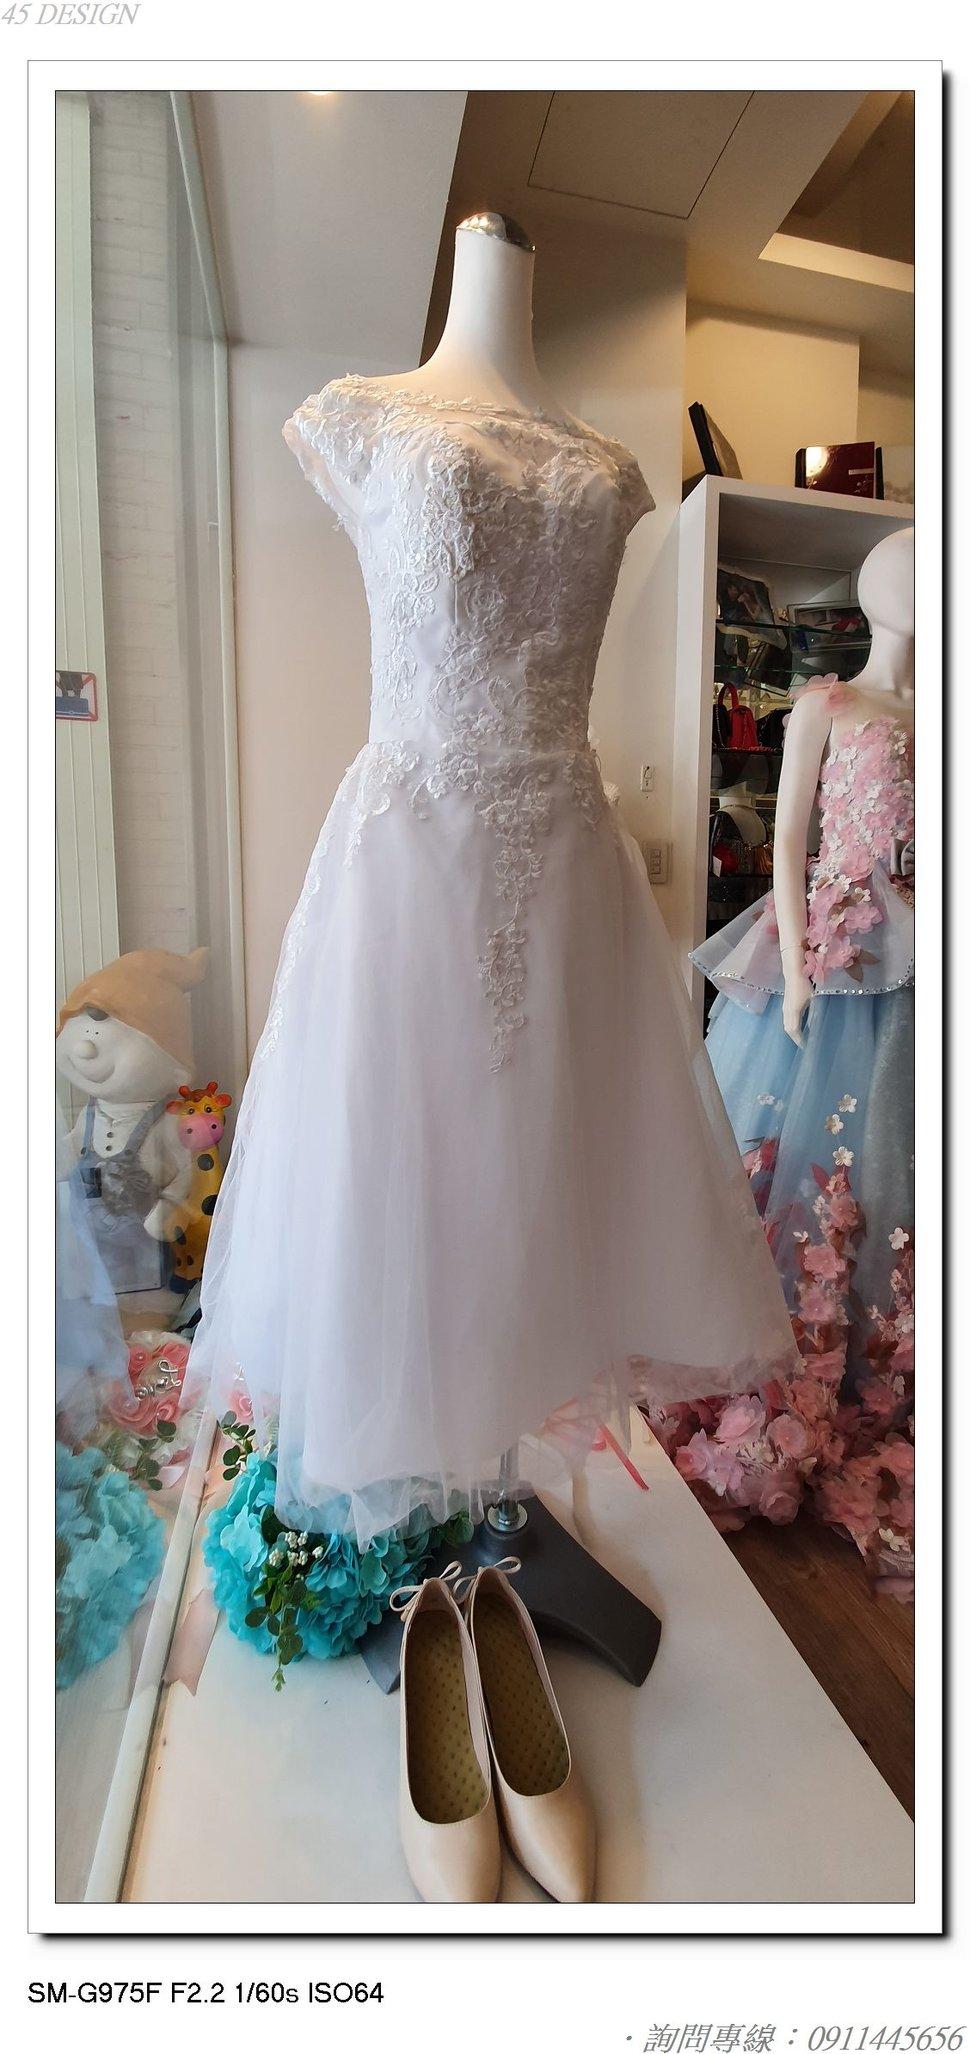 20200214_122157 - 全台最便宜-45DESIGN四五婚紗禮服《結婚吧》